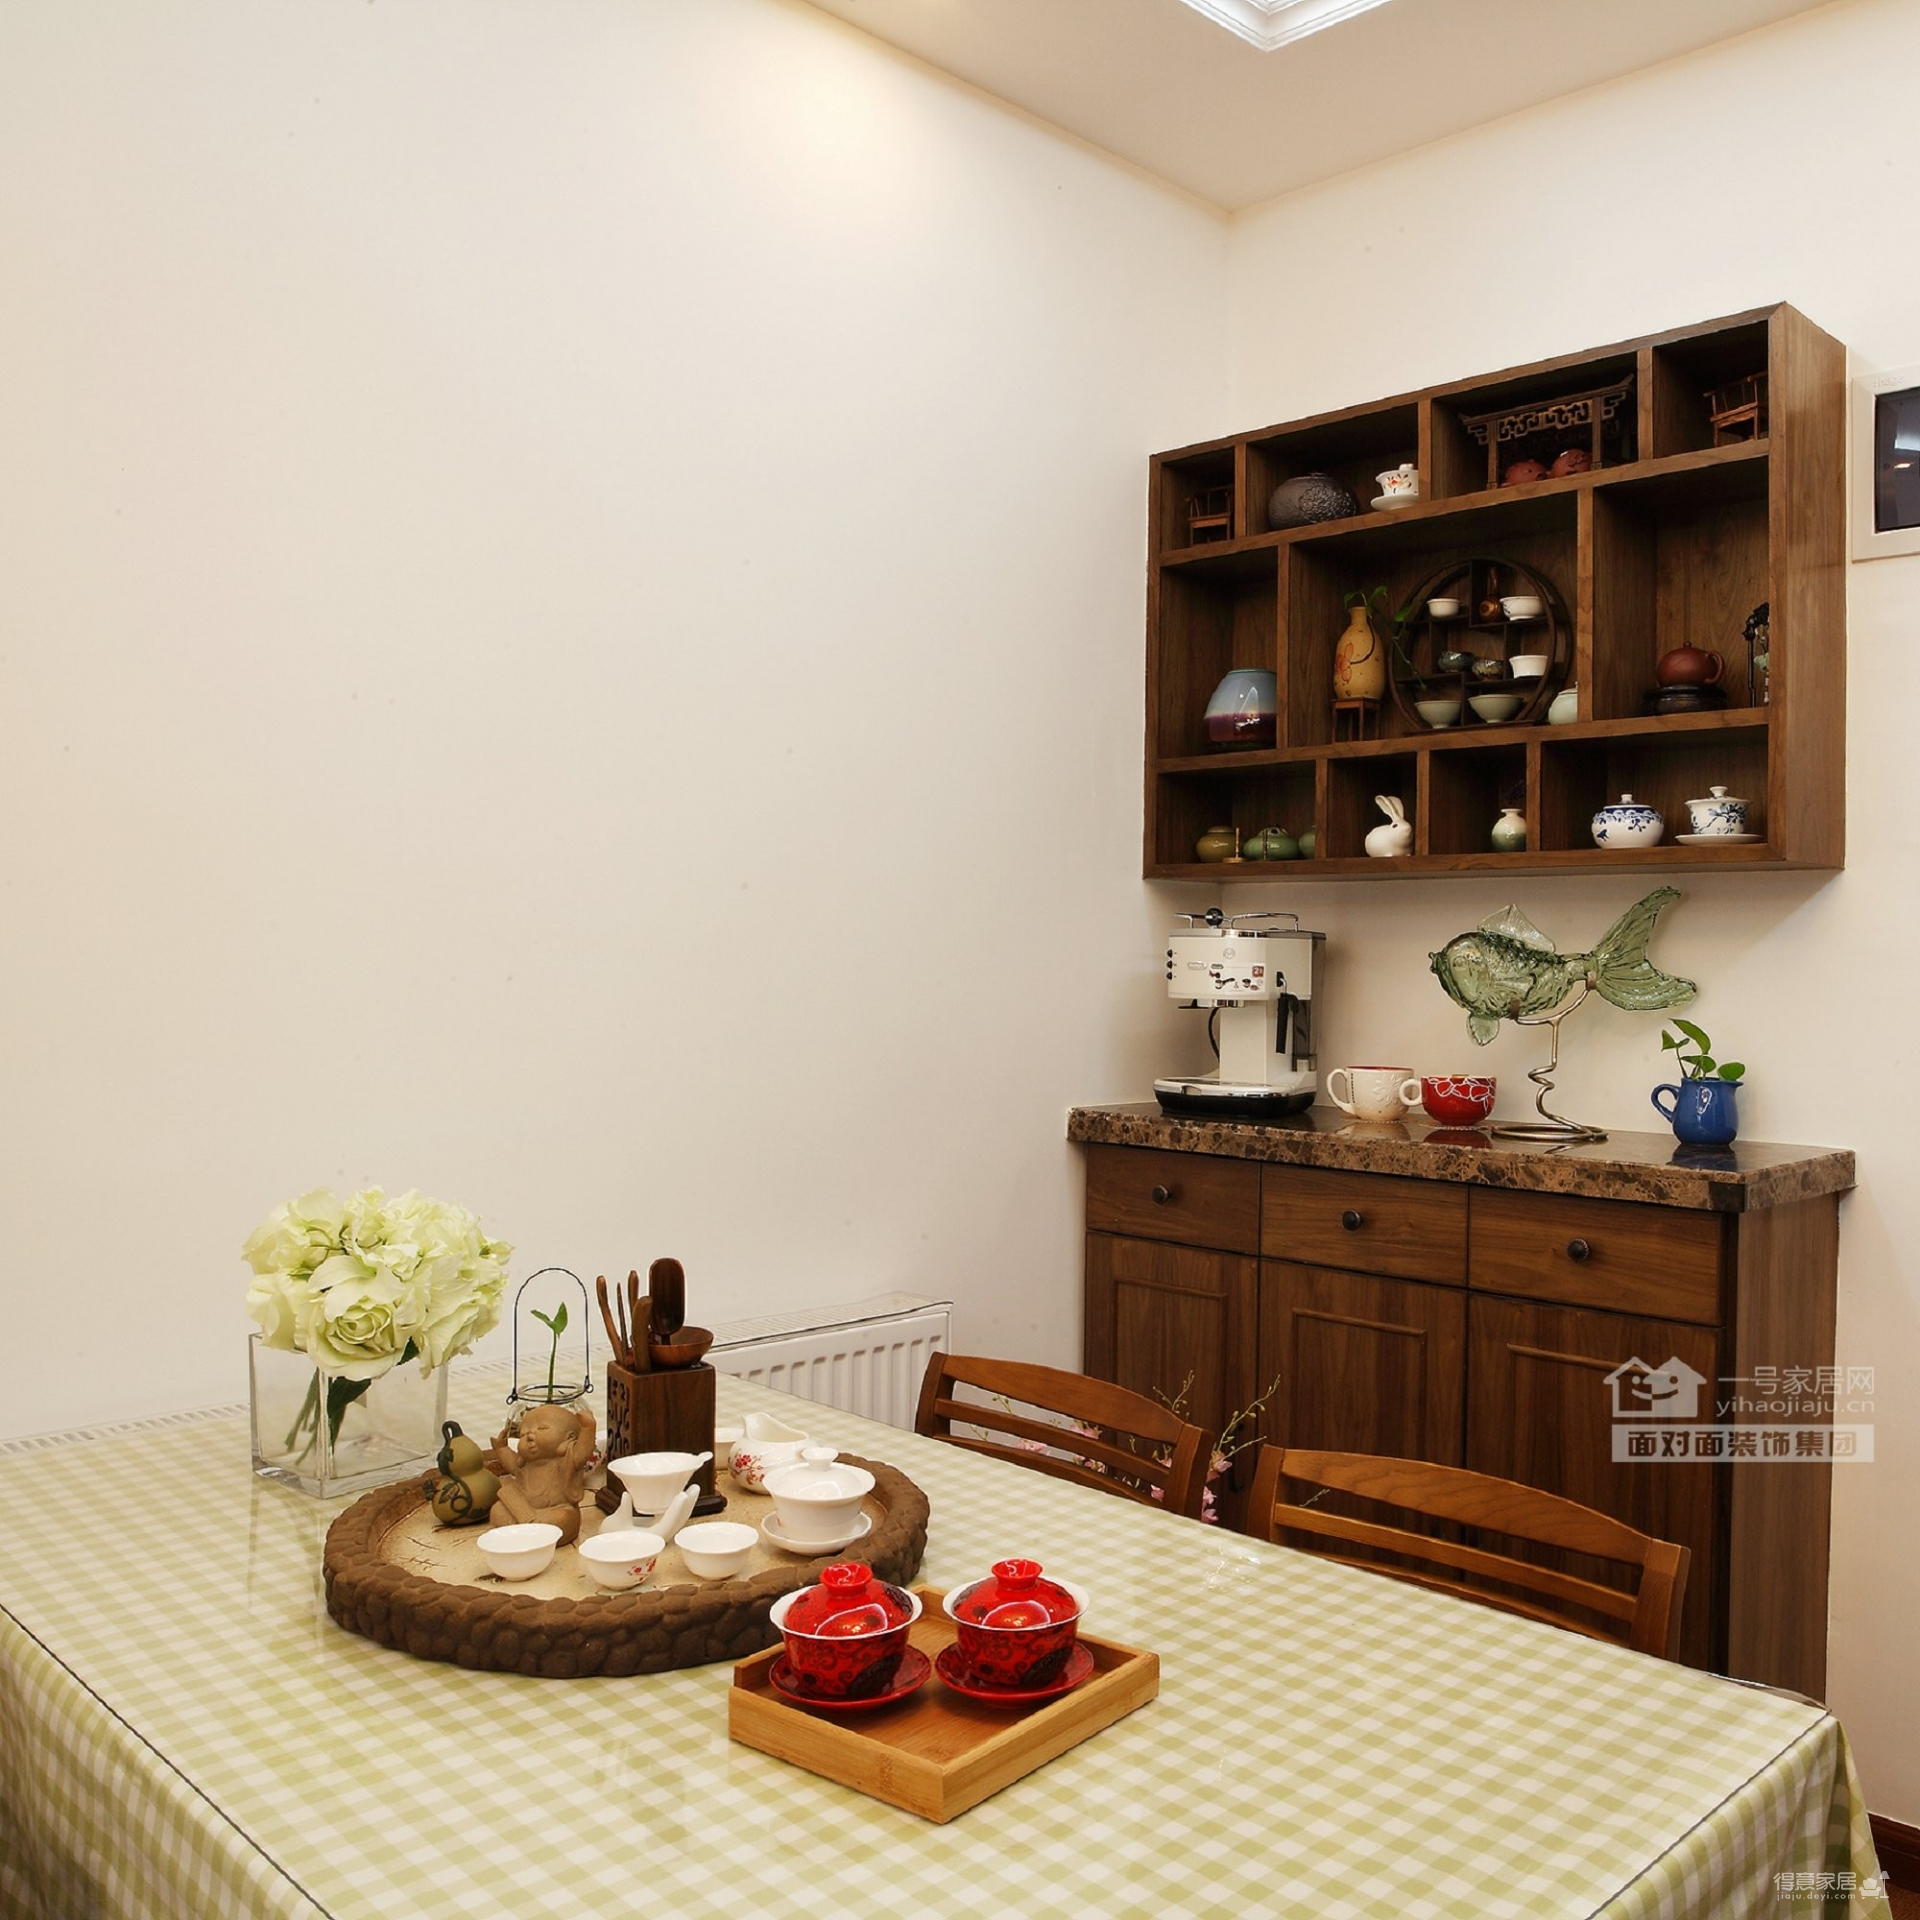 保利心语68平新中式客厅餐厅装修实拍图图_6